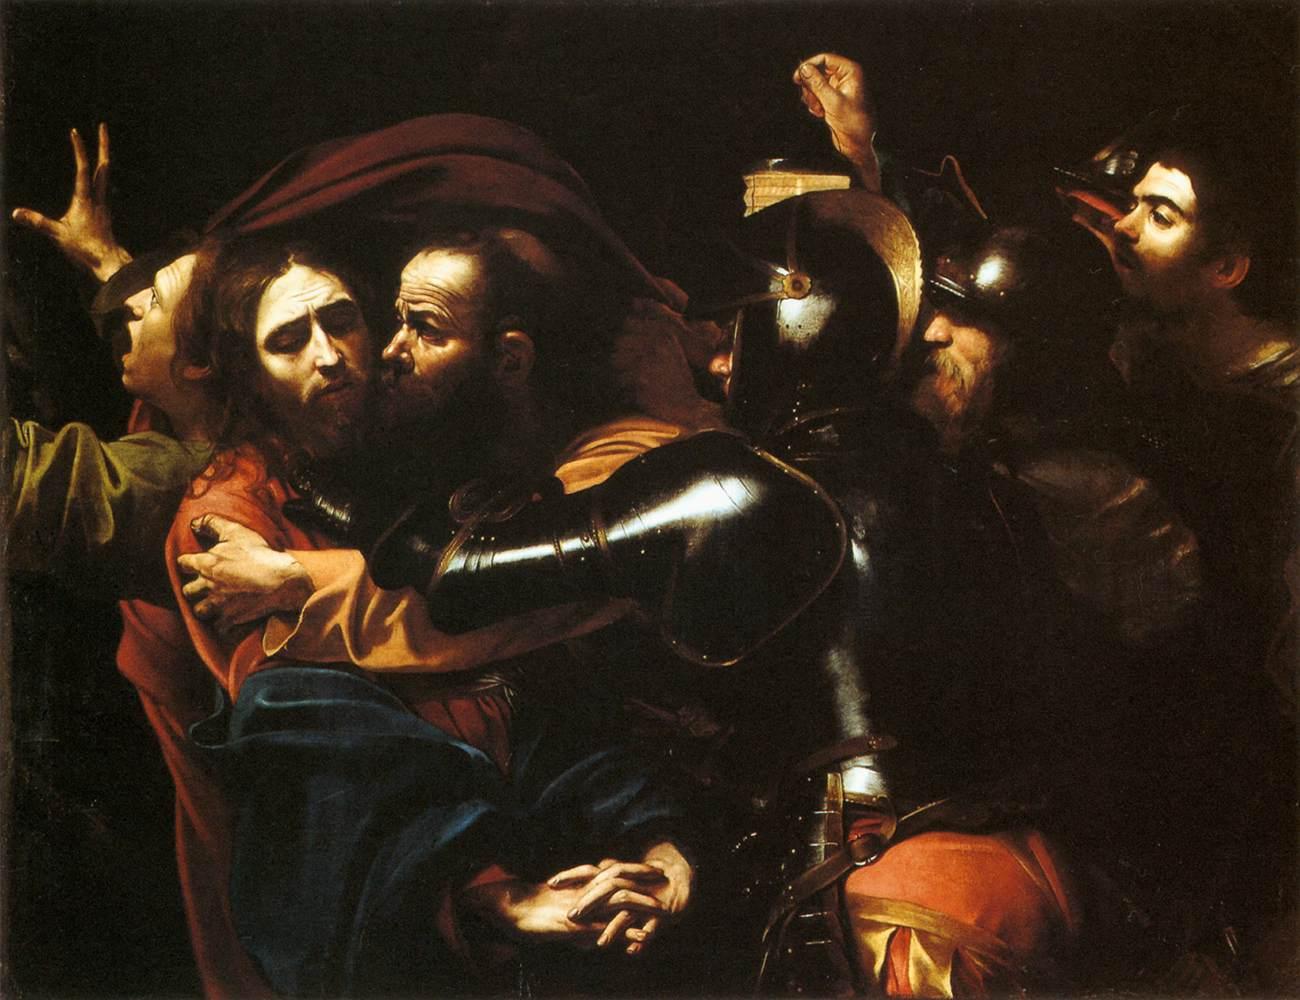 Caravaggio, Cattura di Cristo (1602; olio su tela, 133,5 x 169,5 cm; Dublino, National Gallery of Ireland)